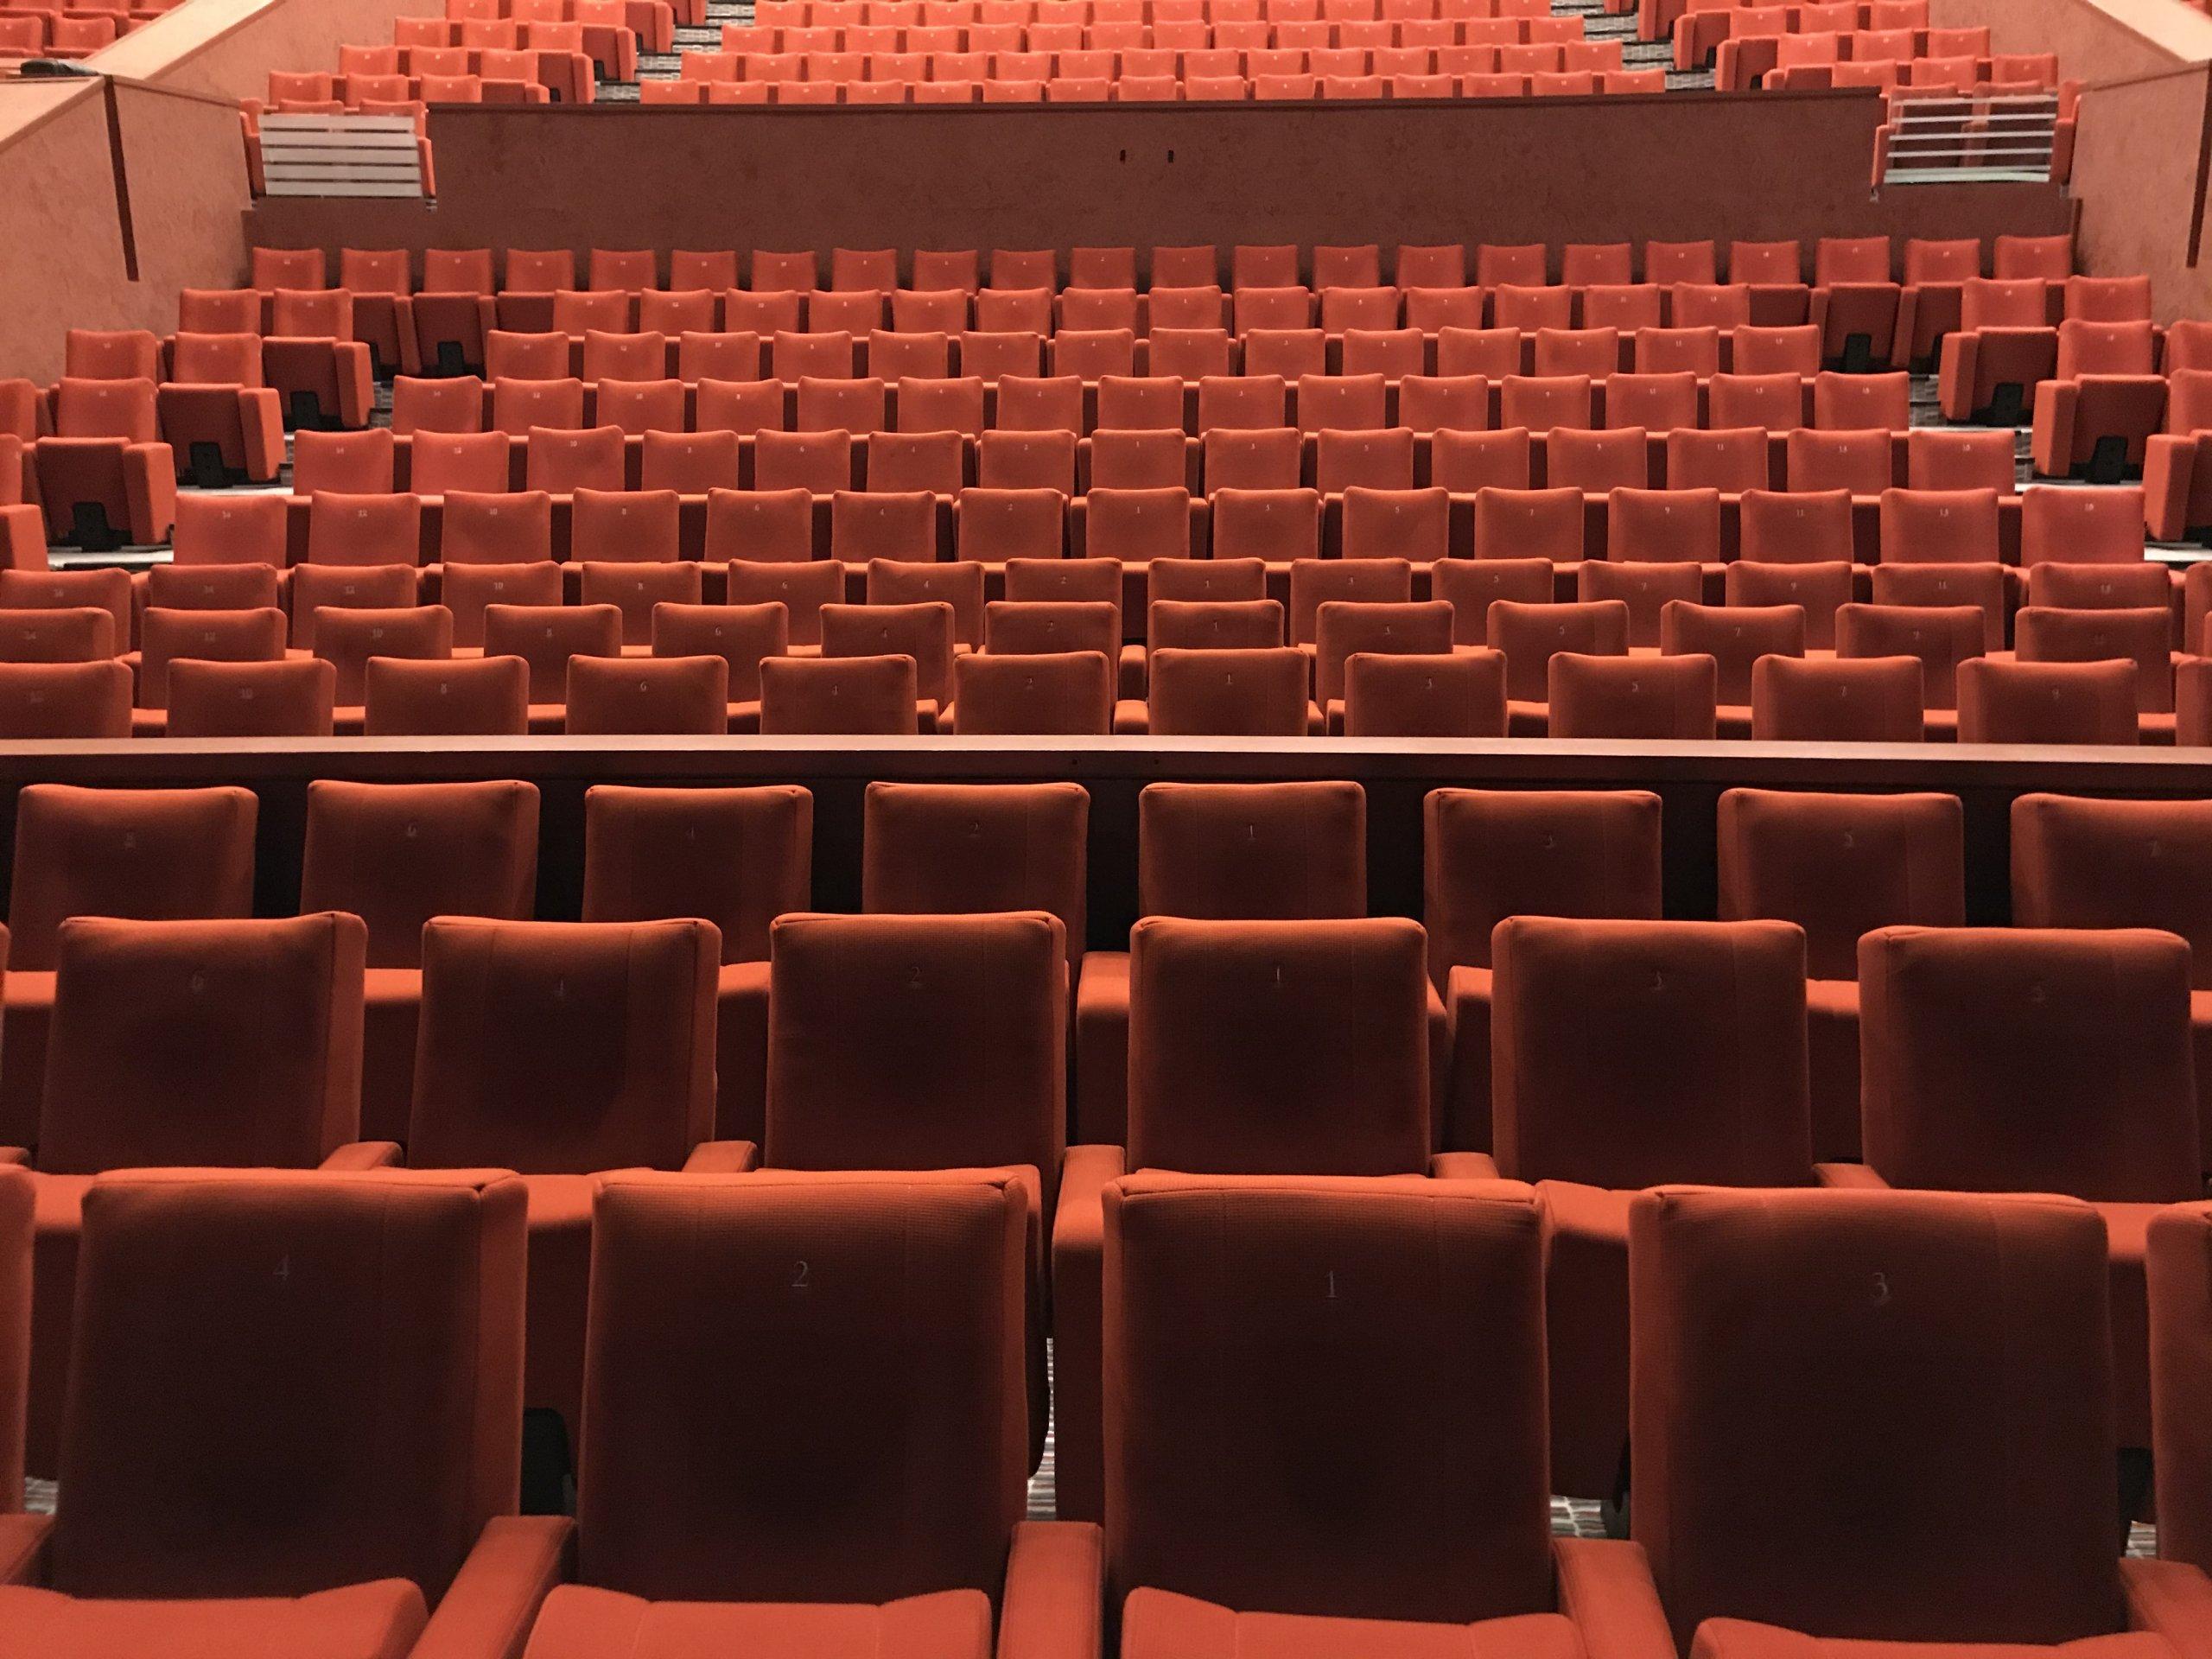 Kleslo - fauteuil Inertie - Leader de fabrication de fauteuils cinéma, théâtre ... Opéra Massy v6